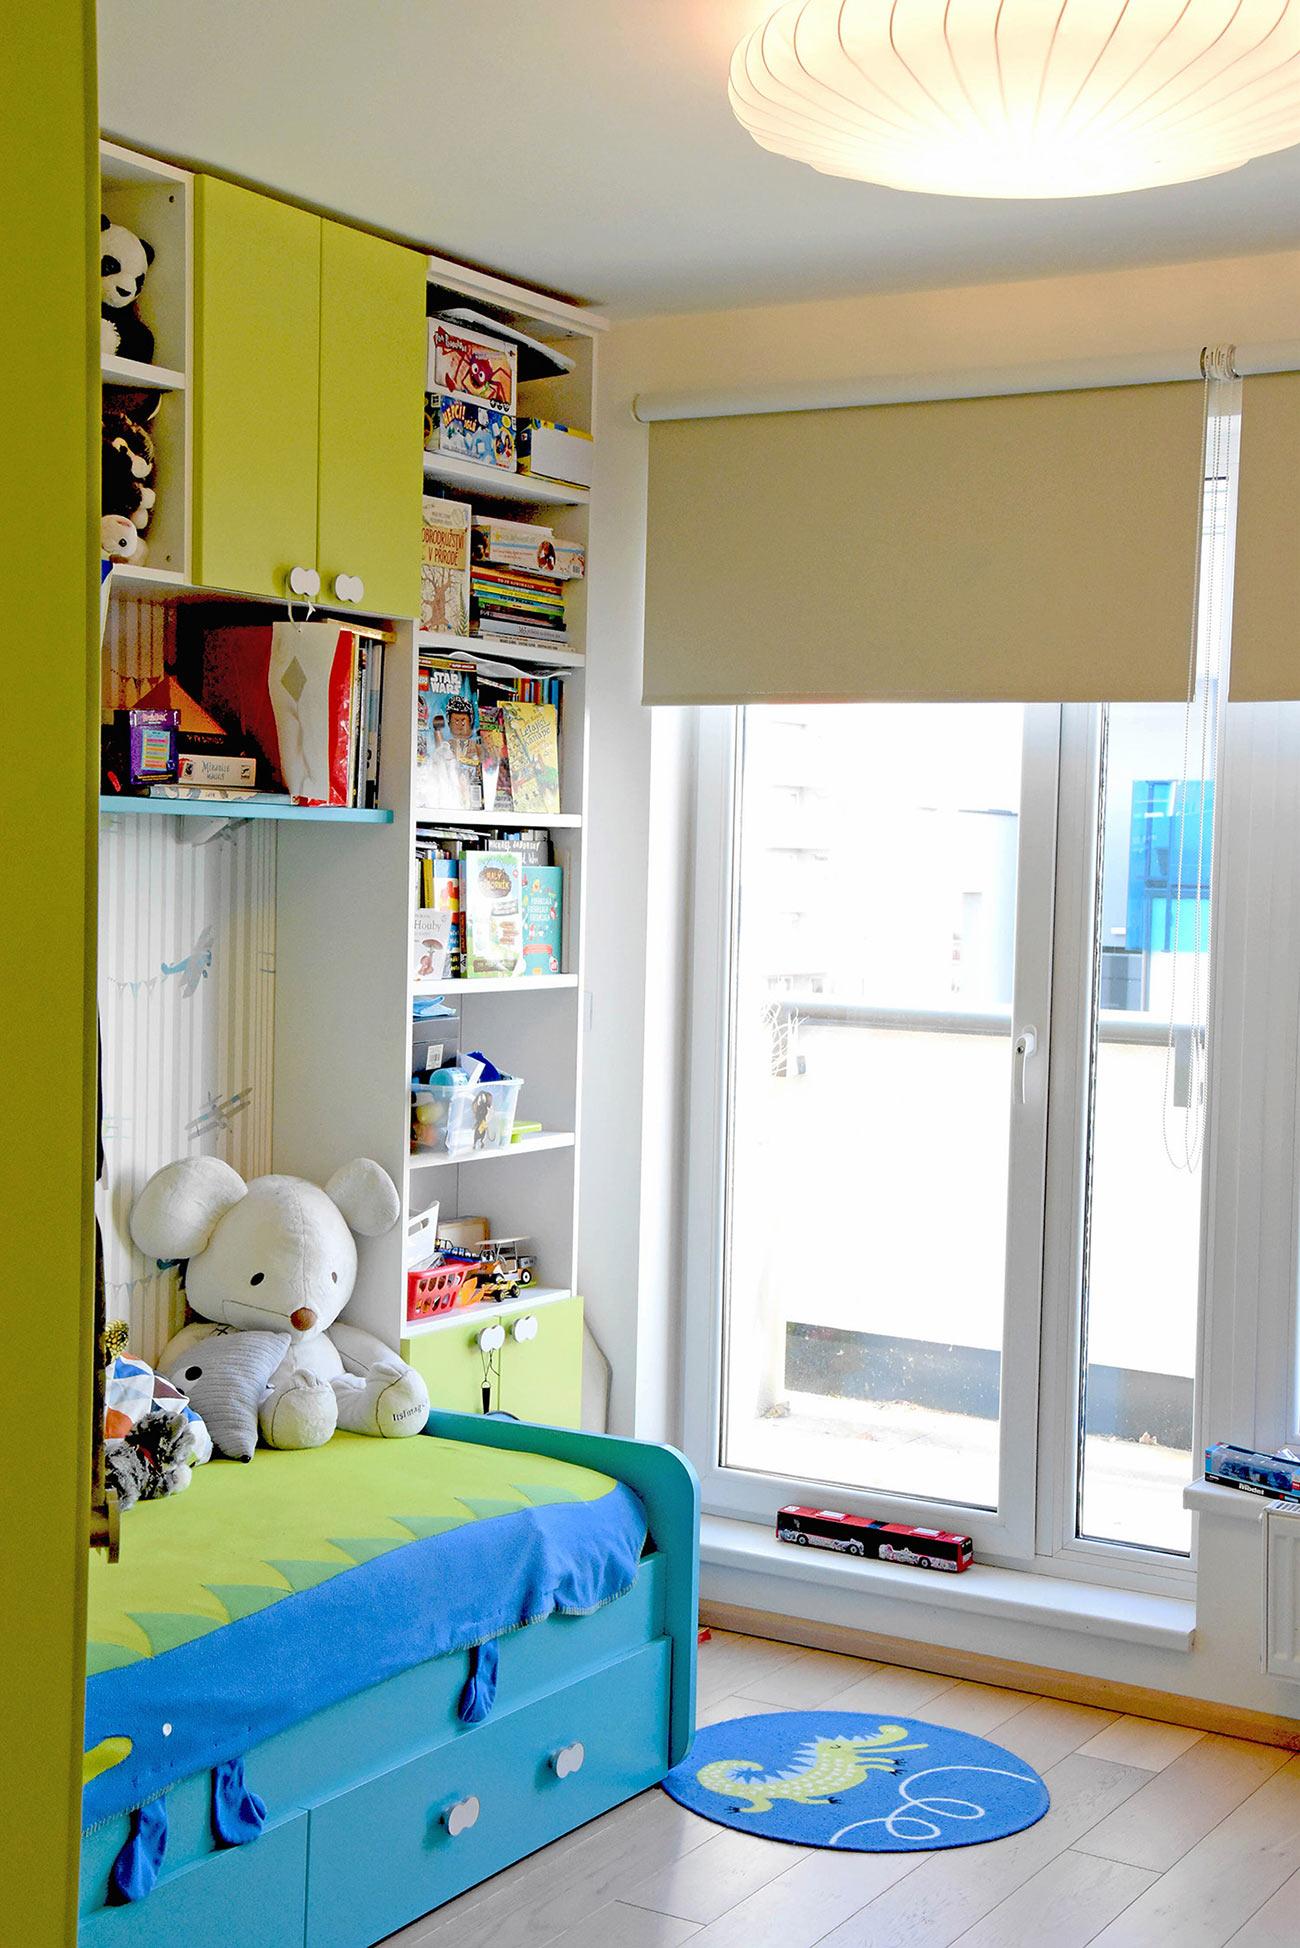 Dětský pokoj a barvy v hlavní roli.